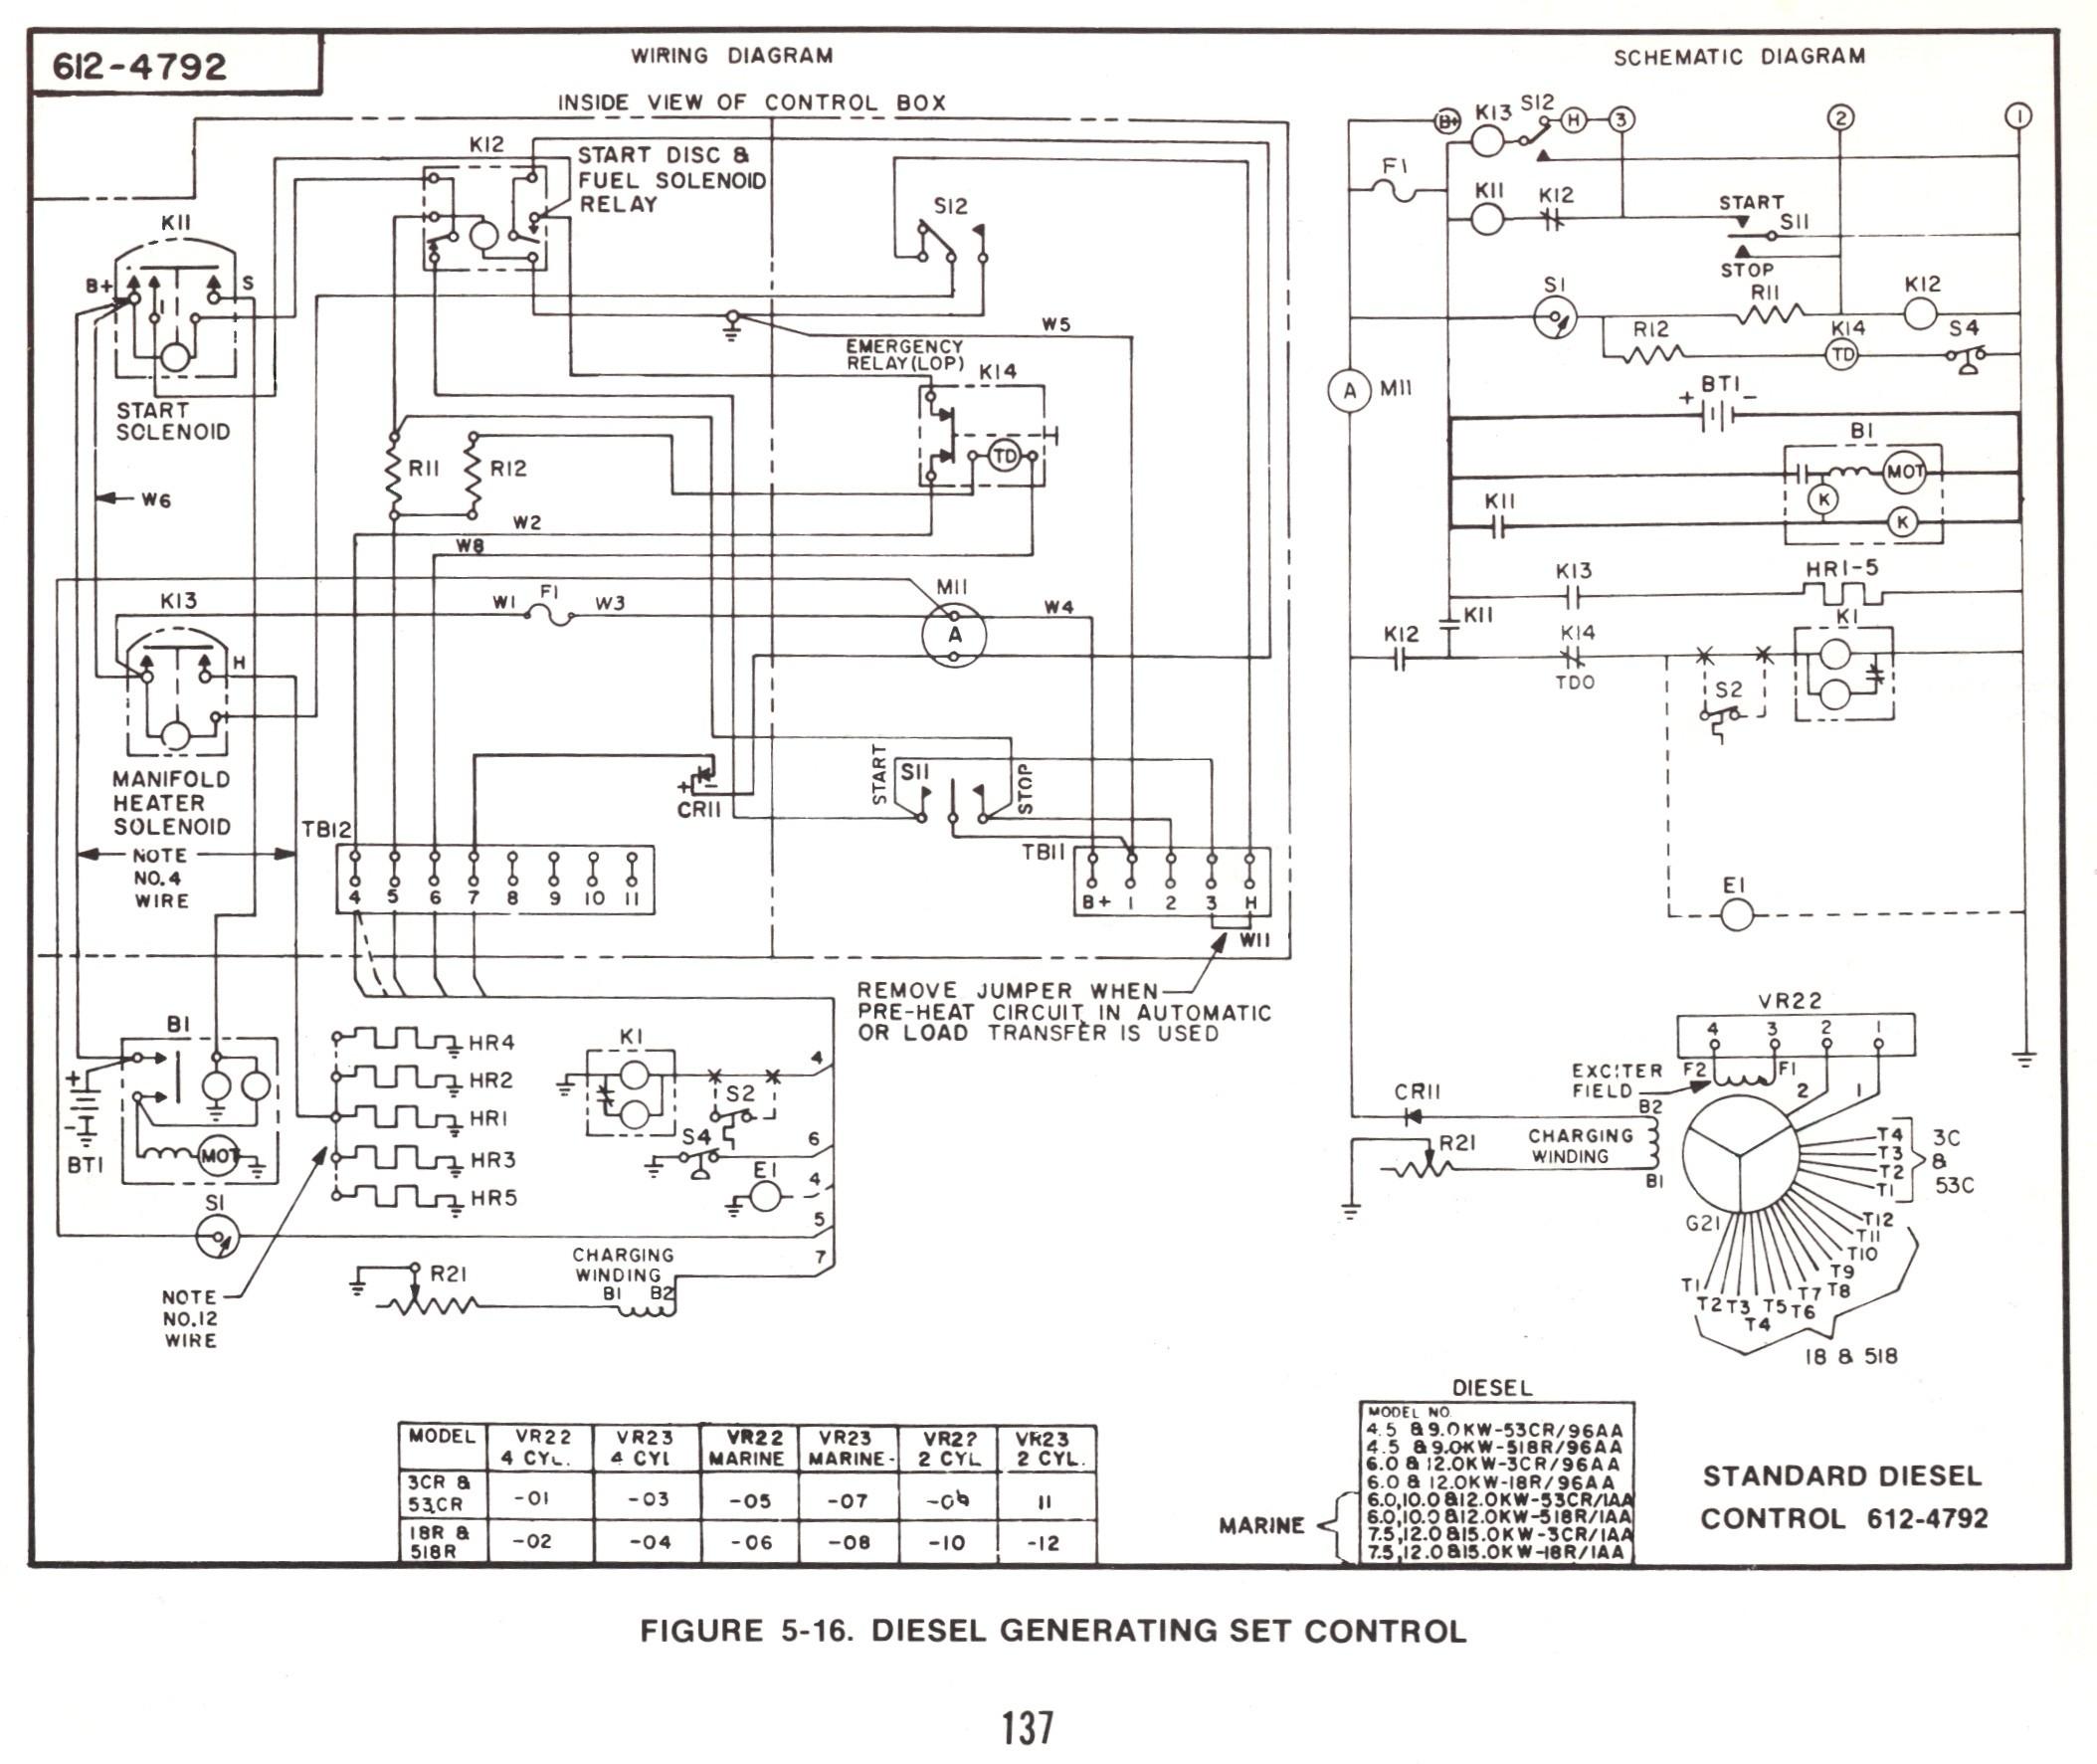 Onan    Emerald    1 Genset    Wiring       Diagram      Free    Wiring       Diagram